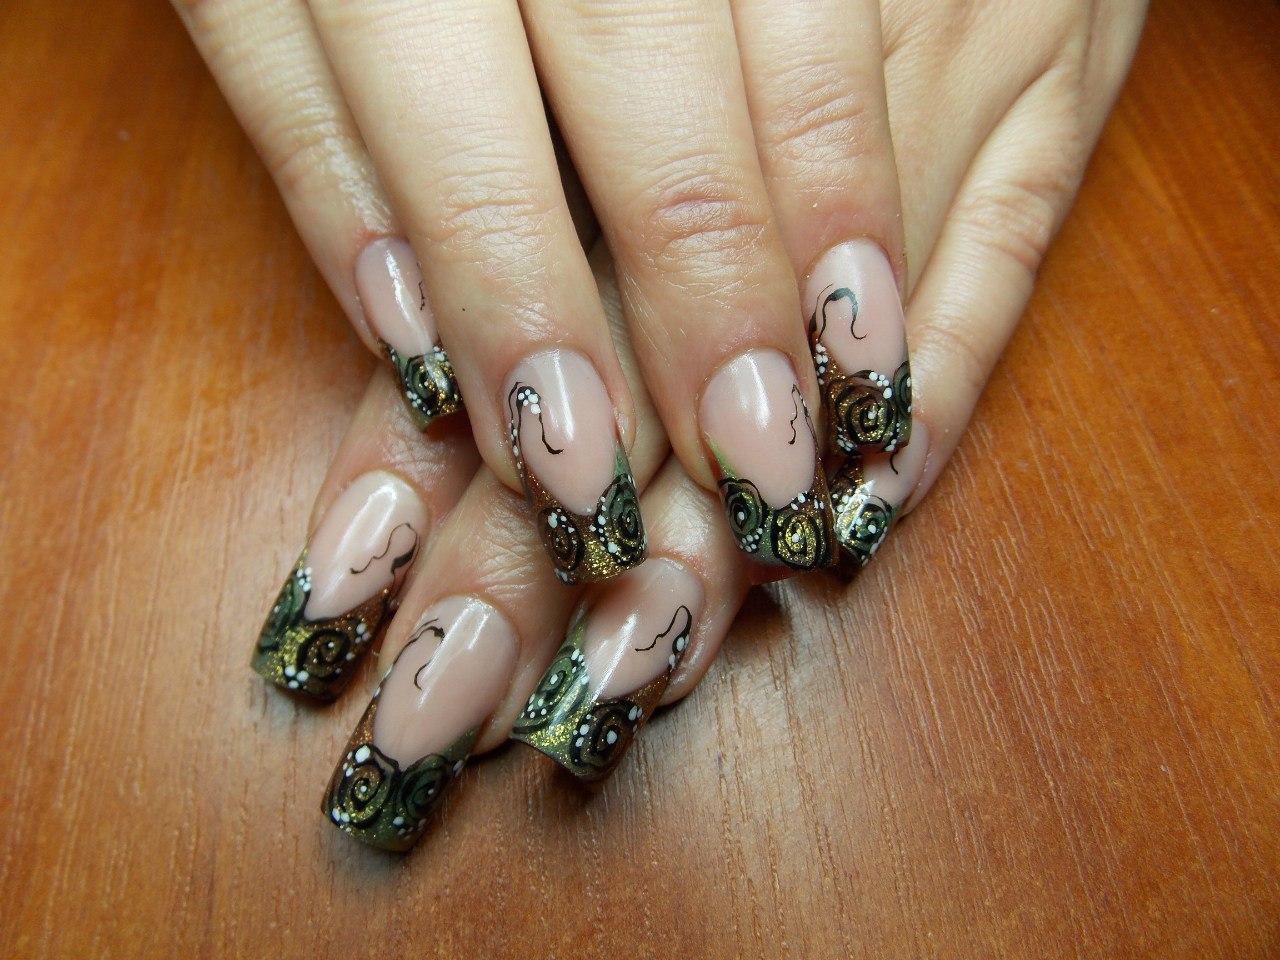 Нарощенные ногти самый красивый маникюр фото